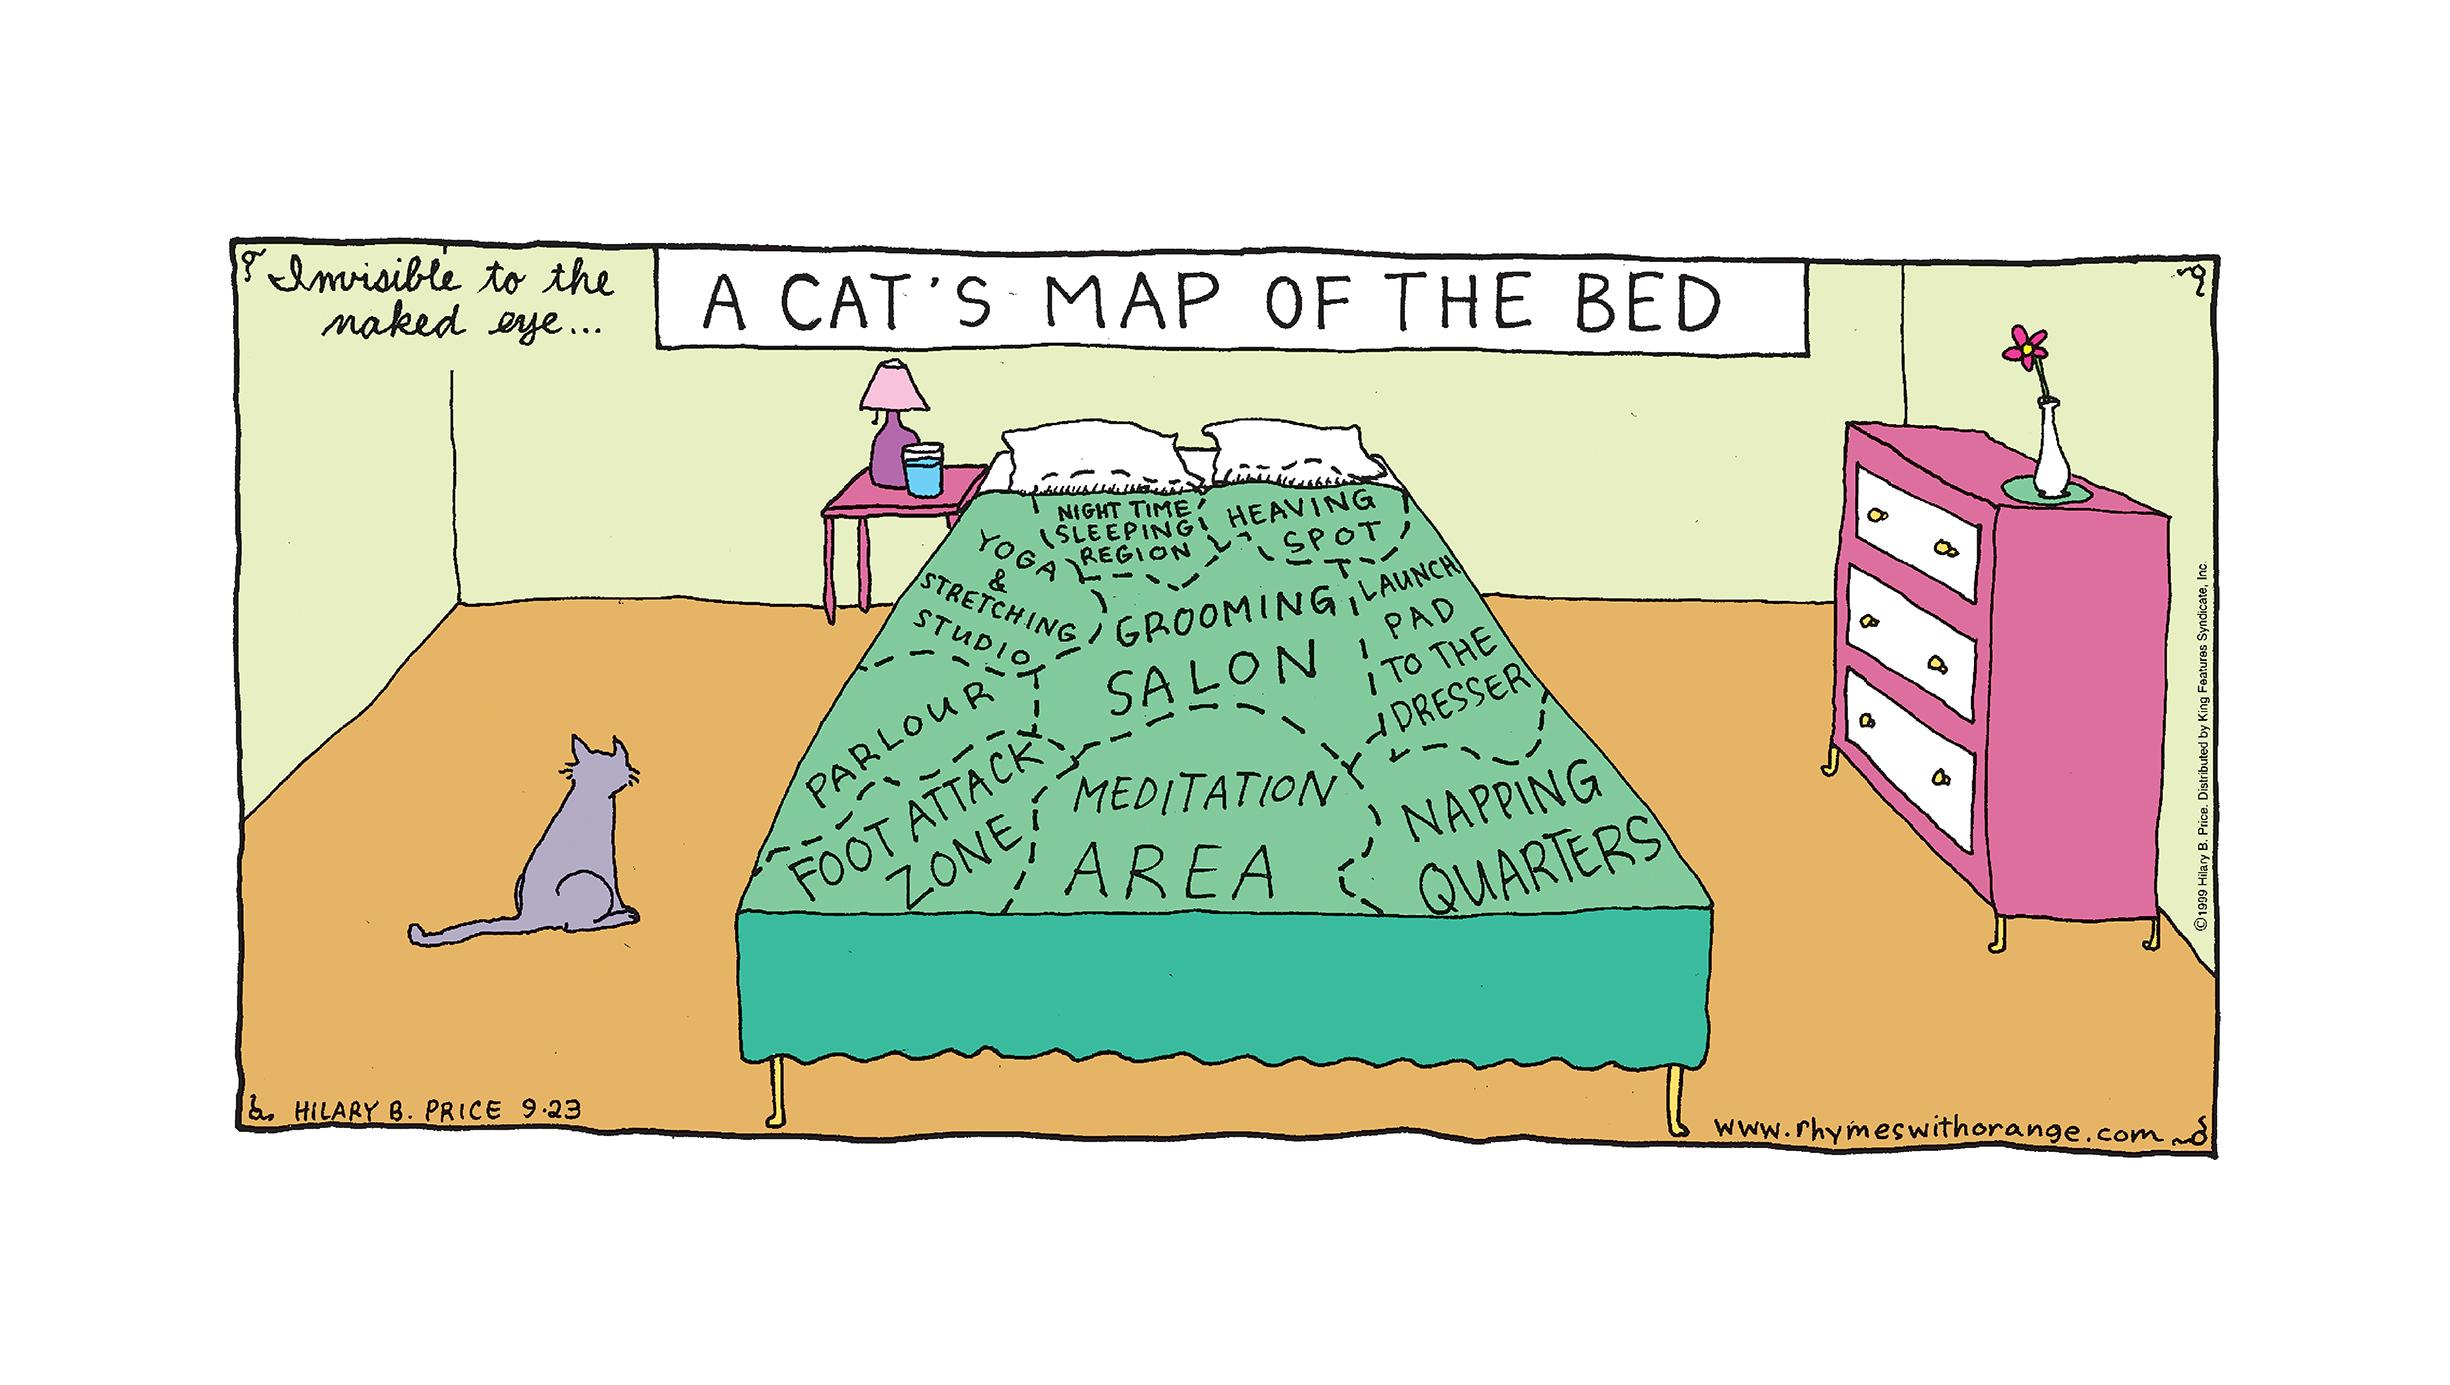 CatsMapBed.jpg